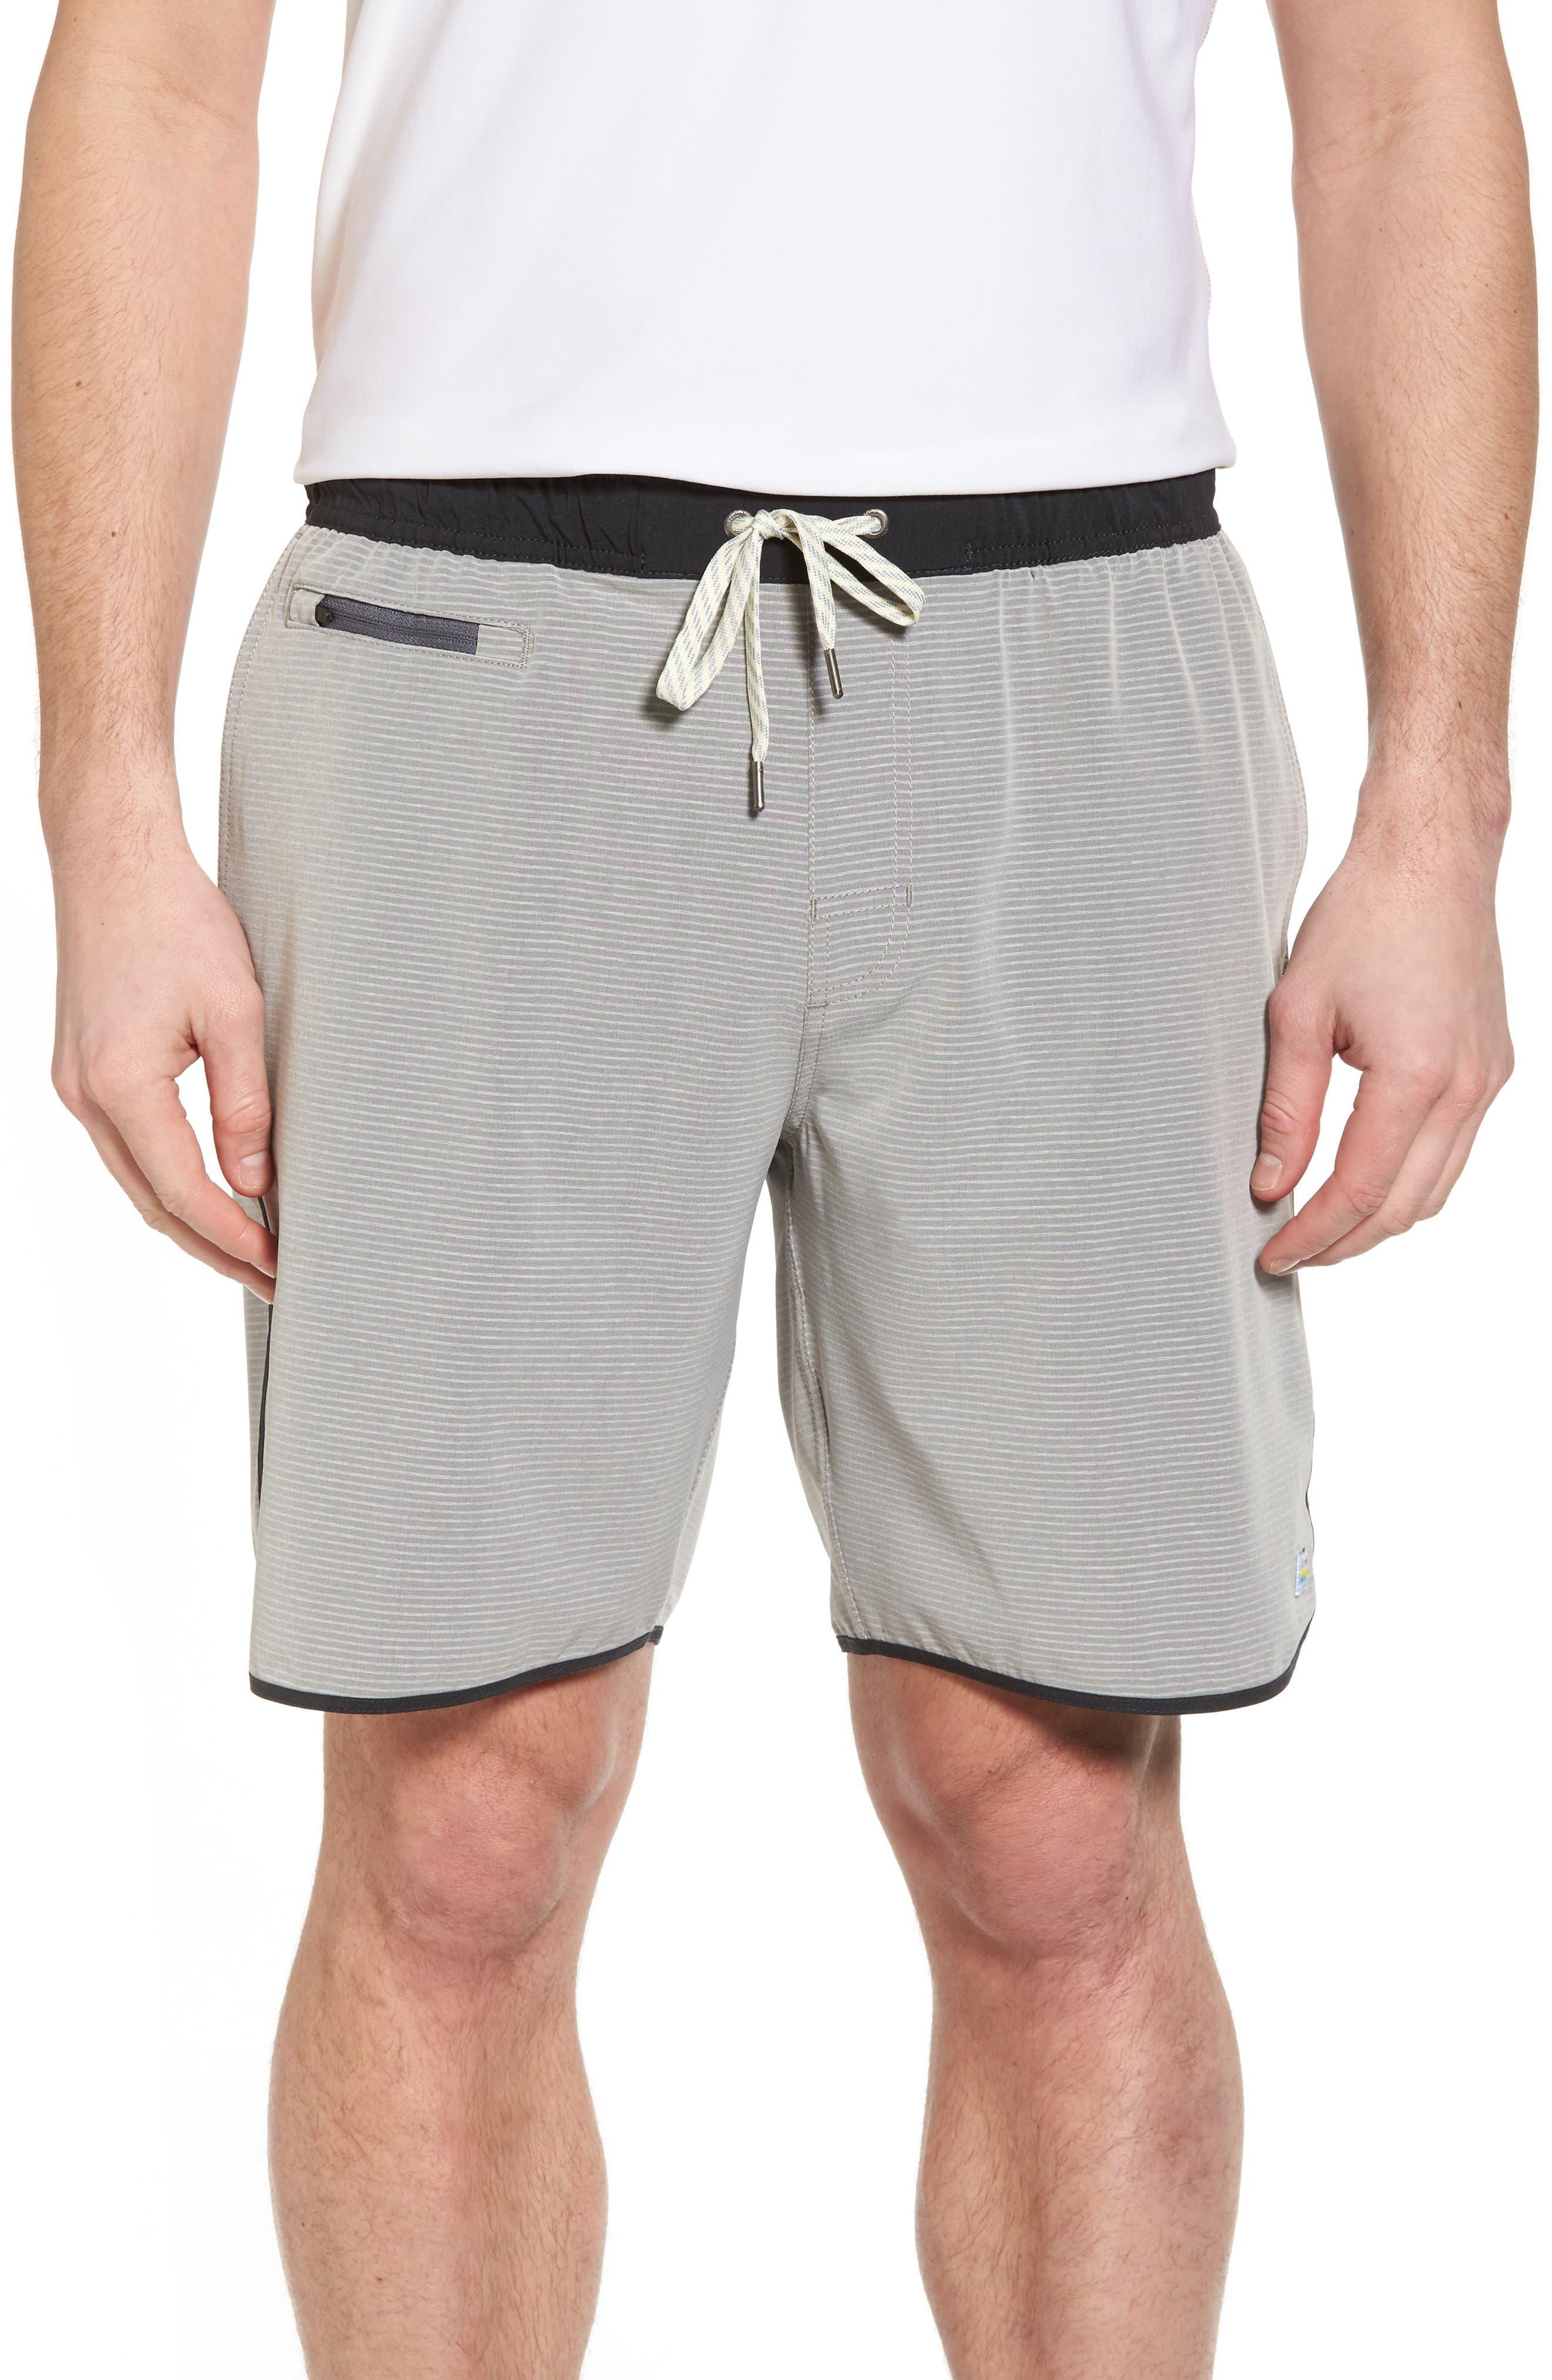 Banks Athletic Shorts,                             Main thumbnail 1, color,